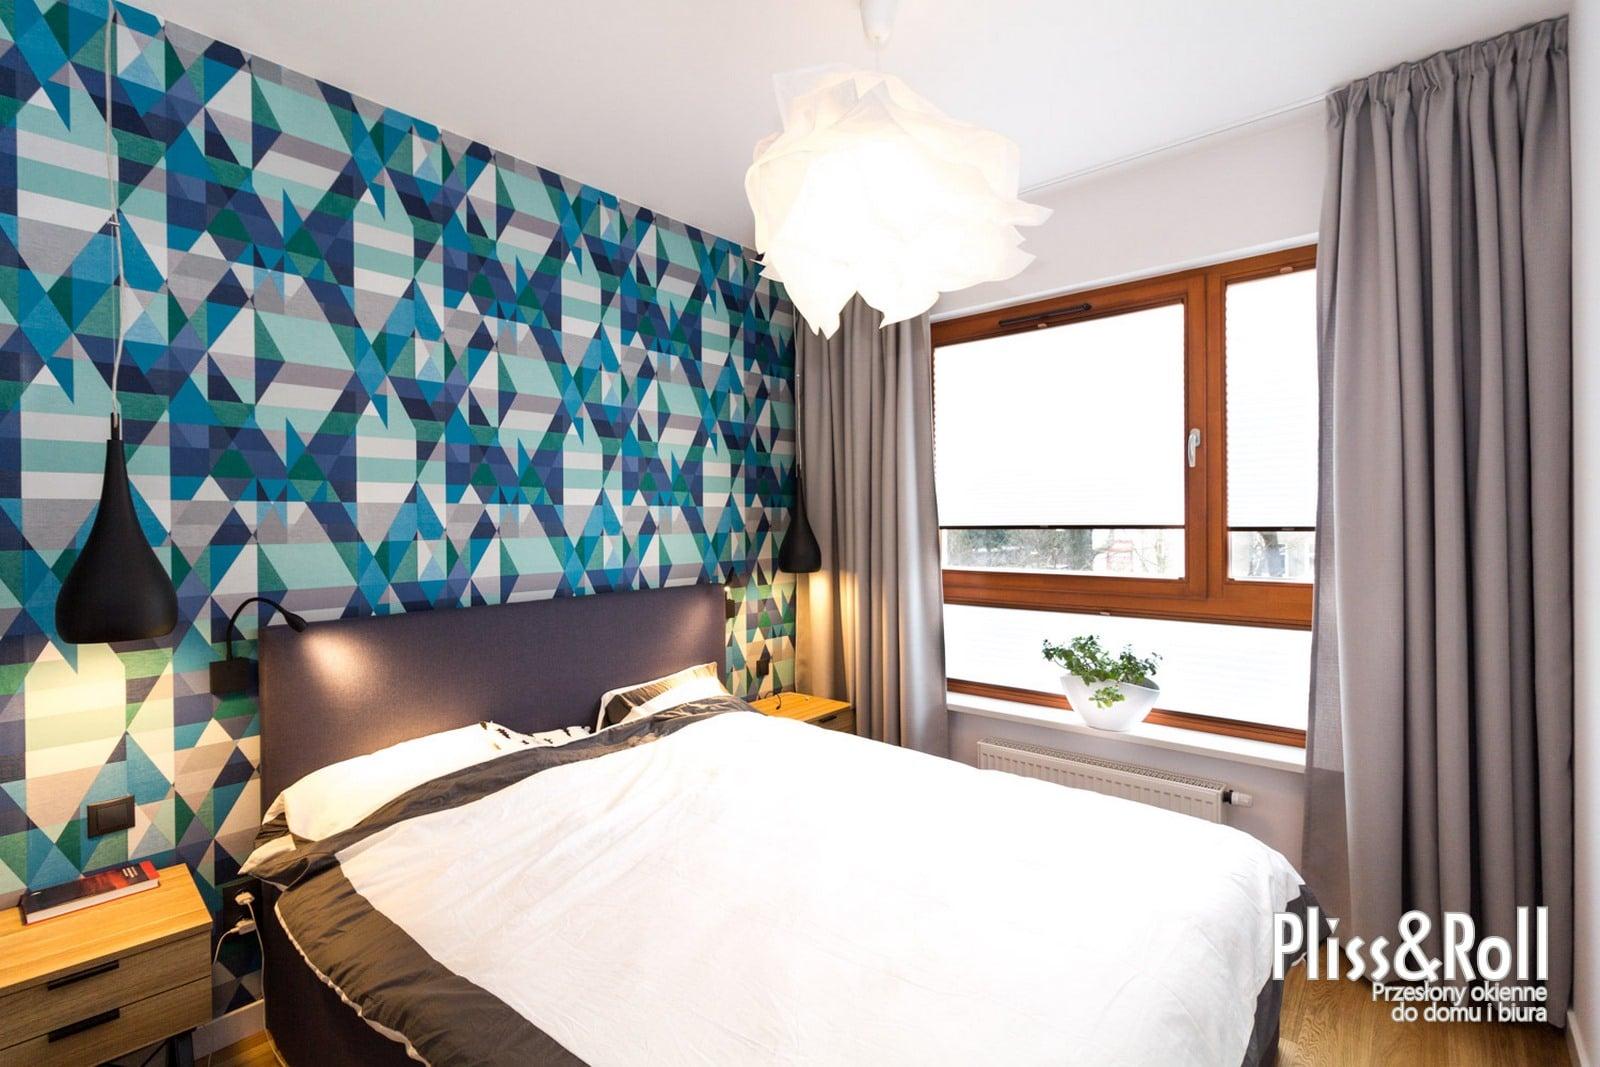 Ołówkowe zasłony na szynach DS wraz z plisami w firanowej tkaninie w sypialni - Włochy